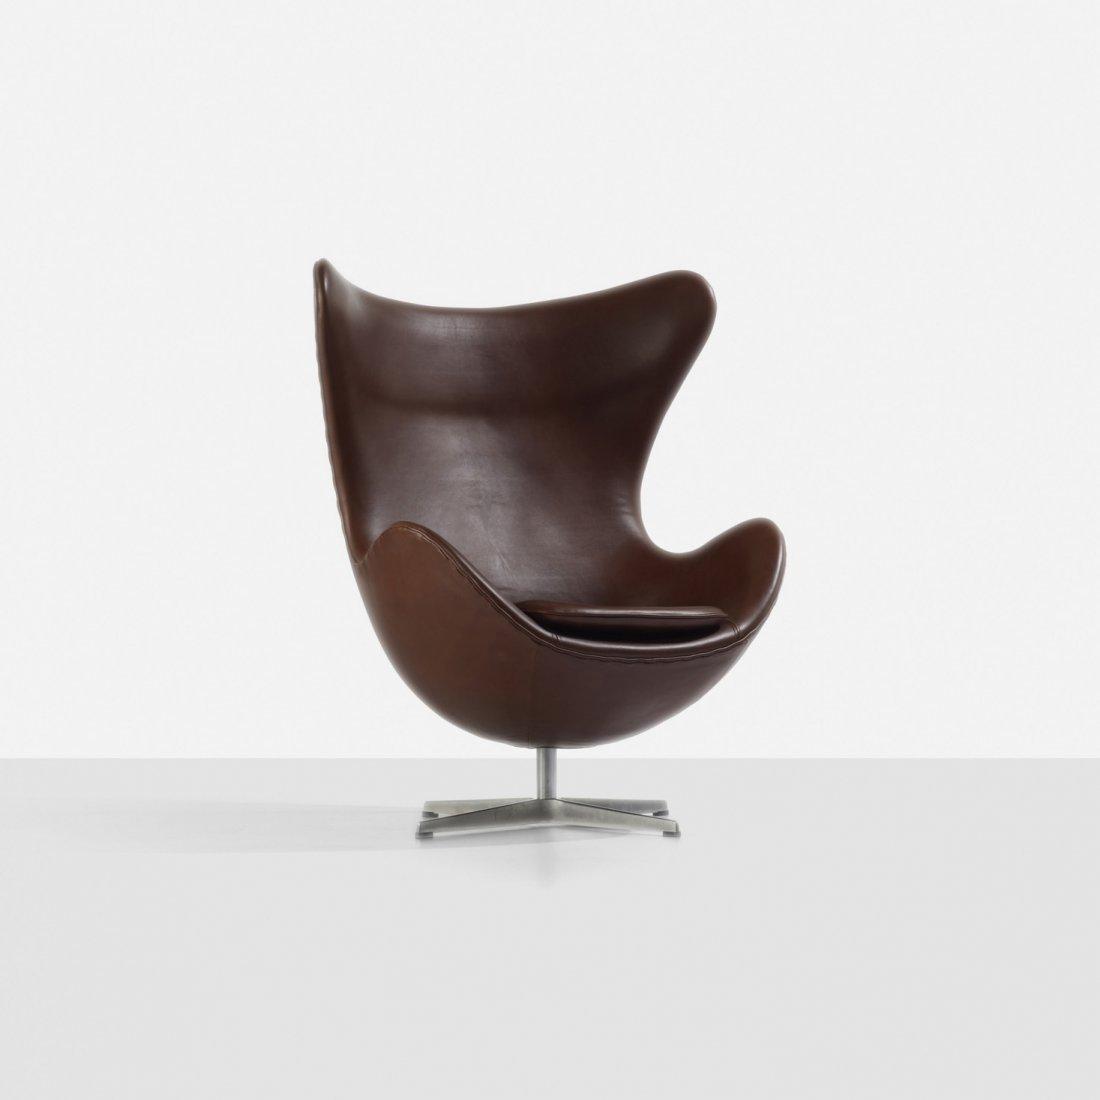 193: Arne Jacobsen Egg chair